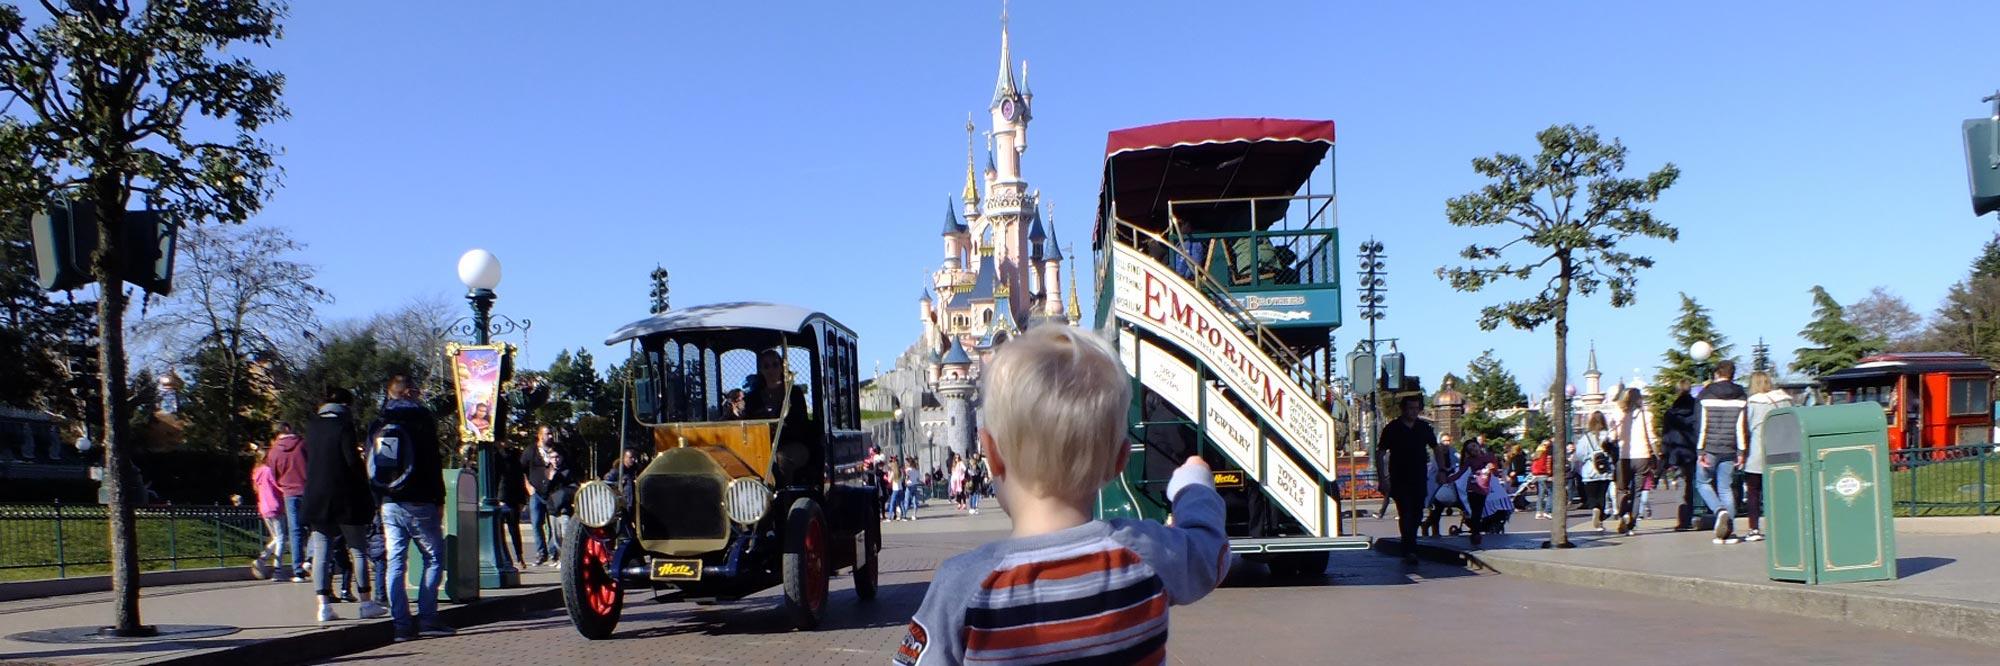 Neues über das Disneyland Paris & Disney